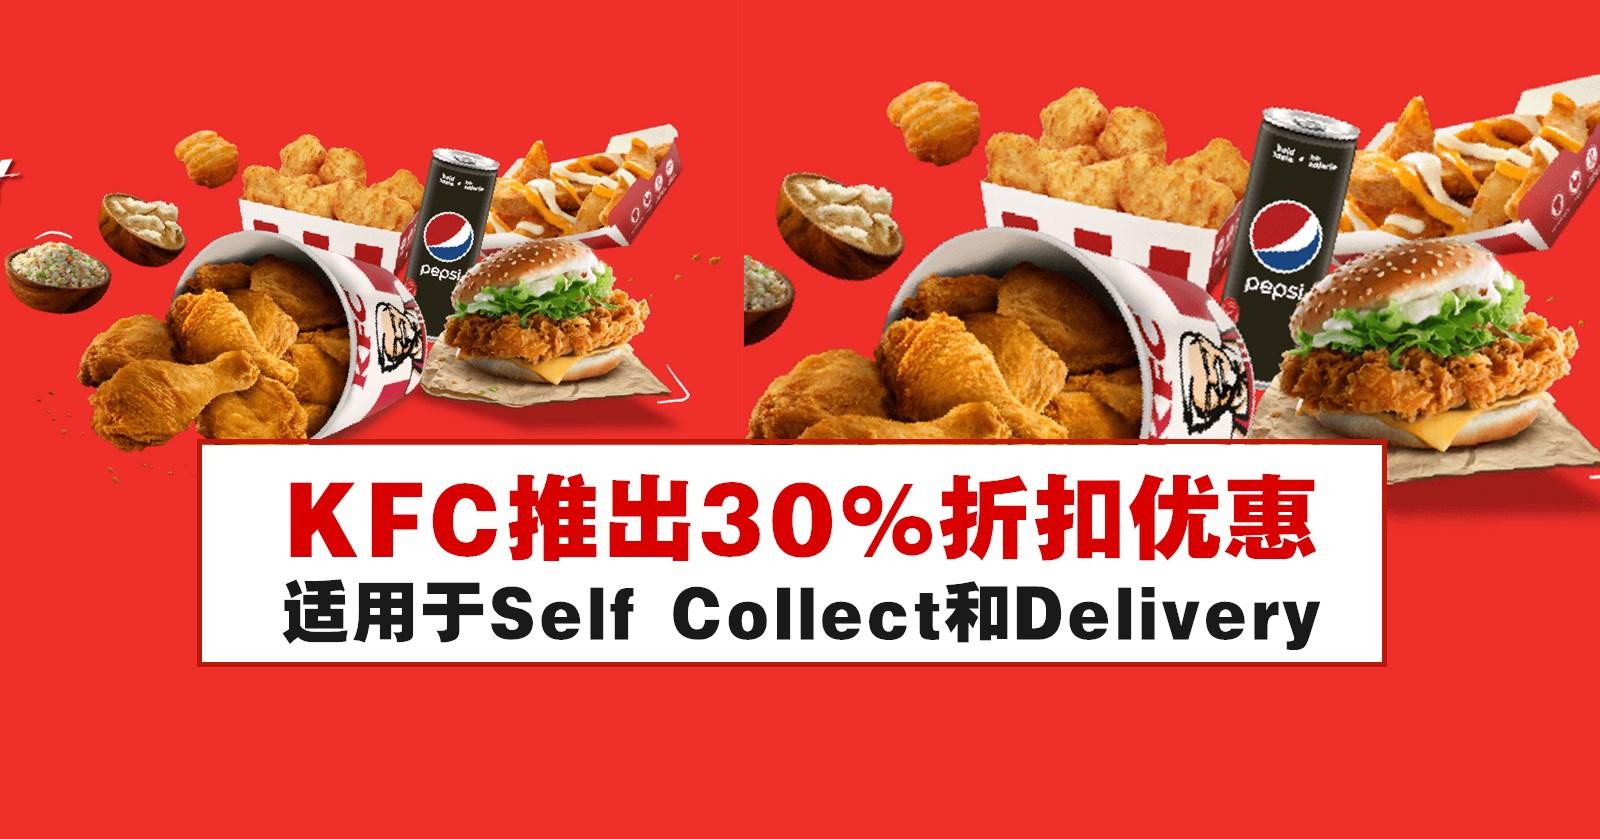 KFC推出30%折扣优惠